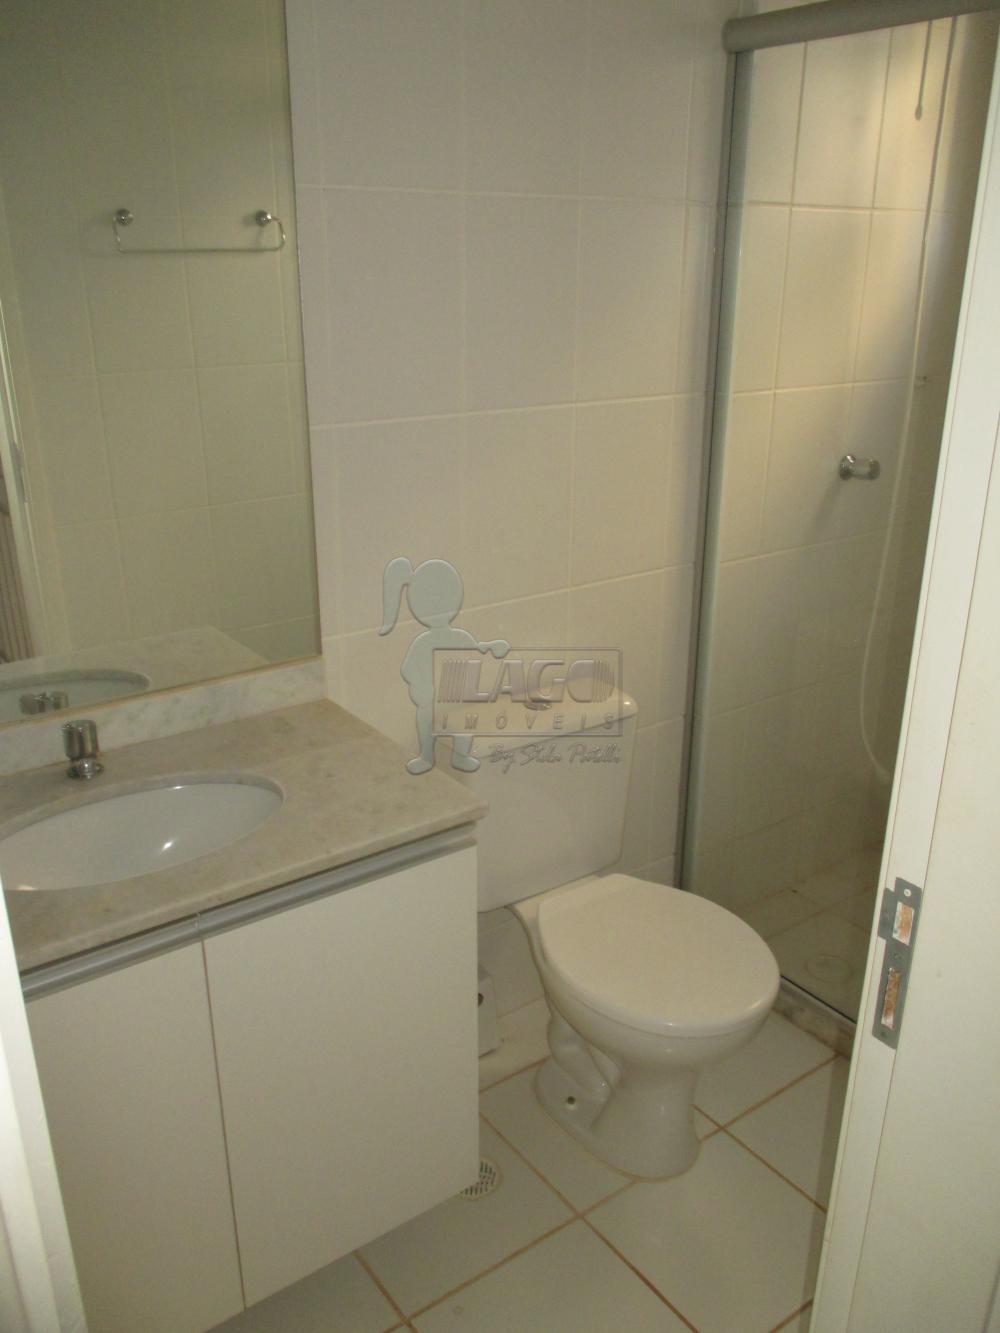 Alugar Casas / Condomínio em Ribeirão Preto apenas R$ 1.750,00 - Foto 6